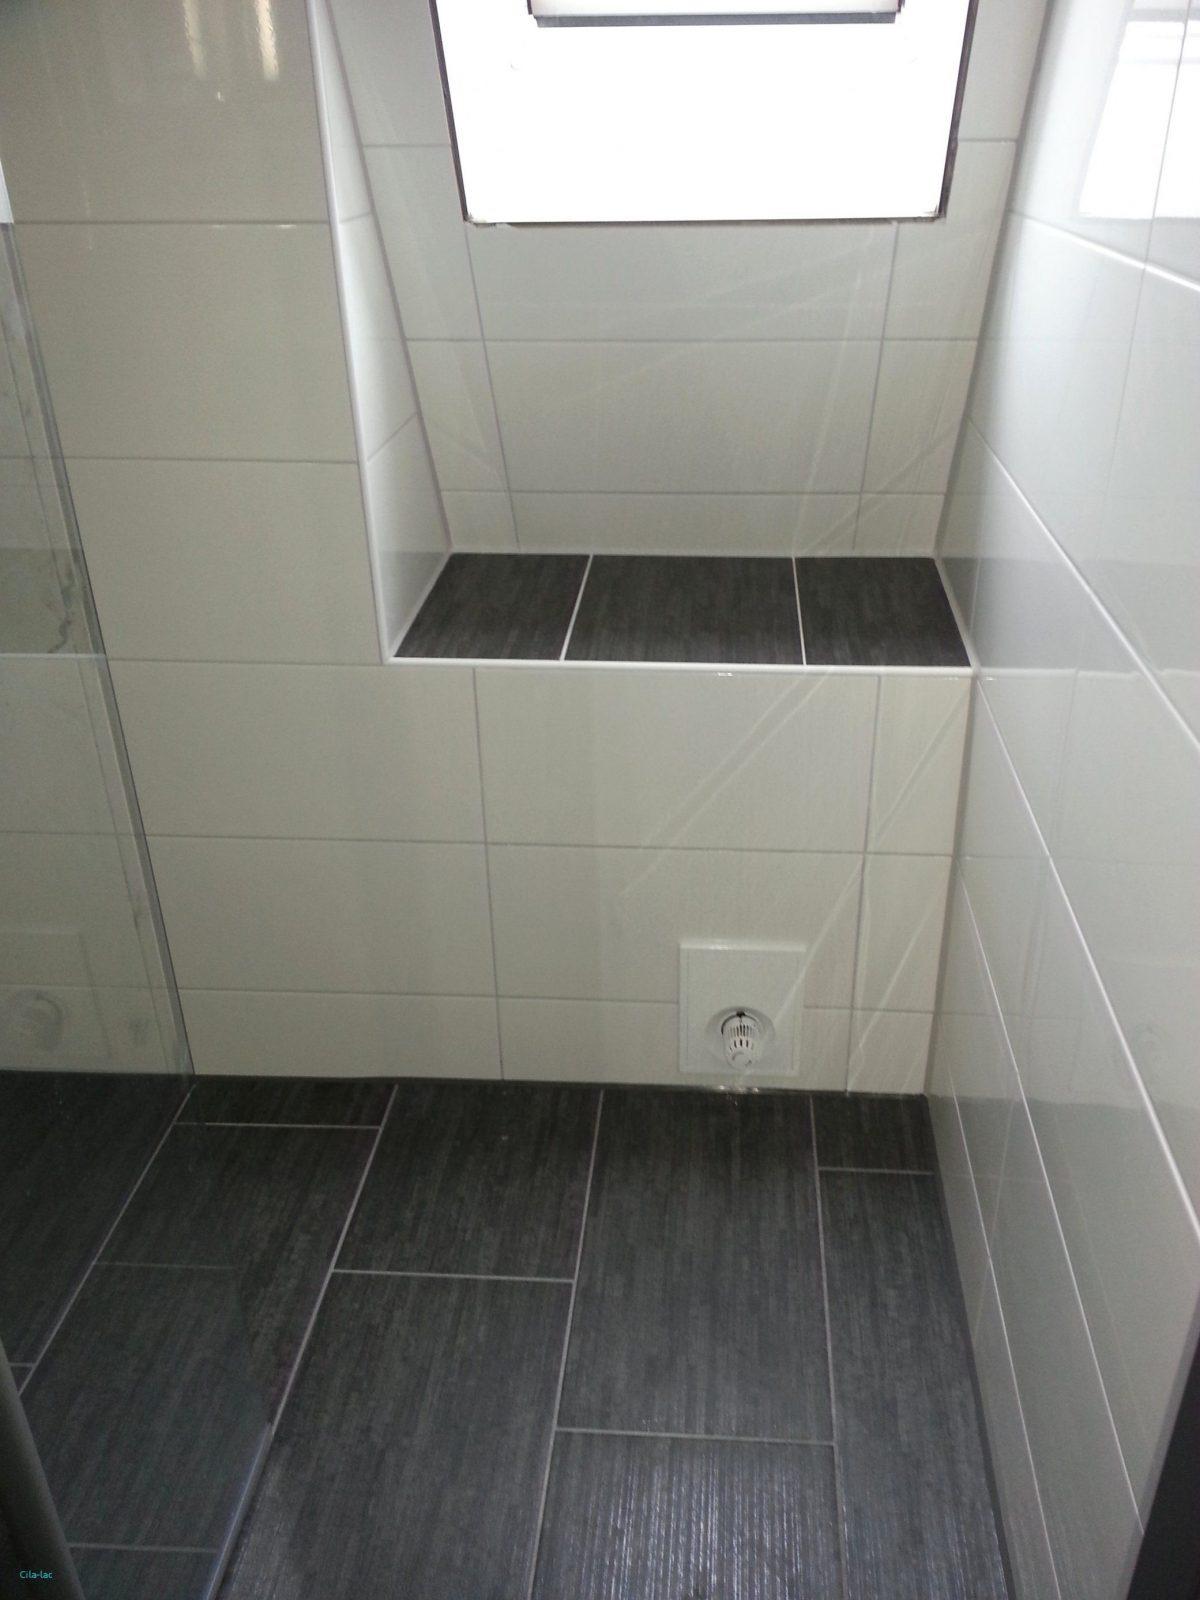 Badezimmer Fliesen Mit Beleuchtung Für Bad Schöne Nett Bodenbelag von Pvc Boden Im Bad Bild